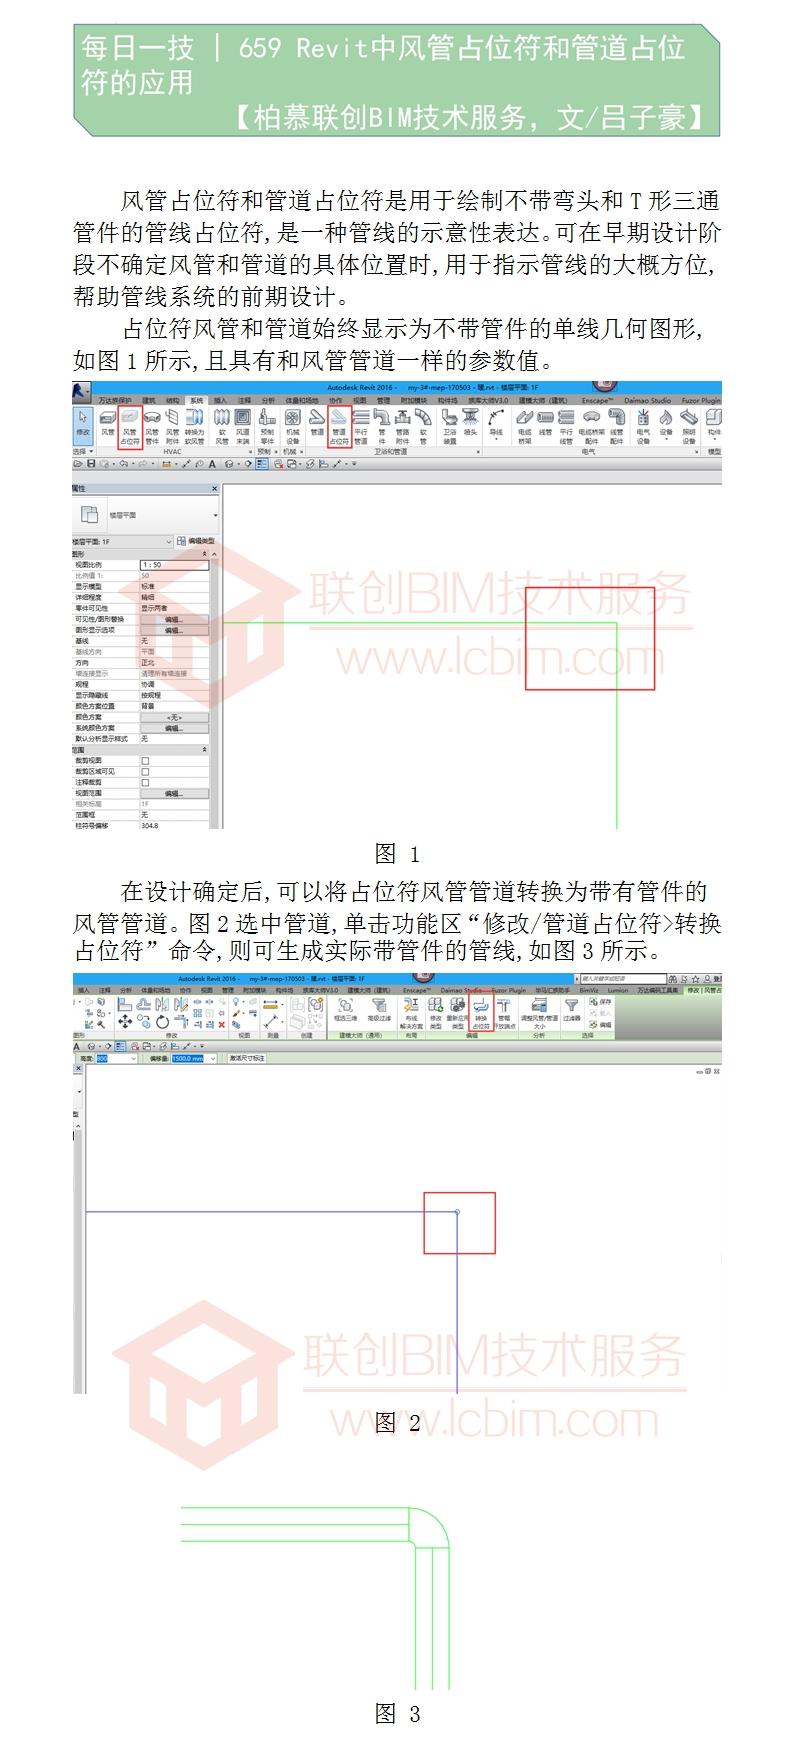 659 Revit中风管占位符和管道占位符的应用.jpg